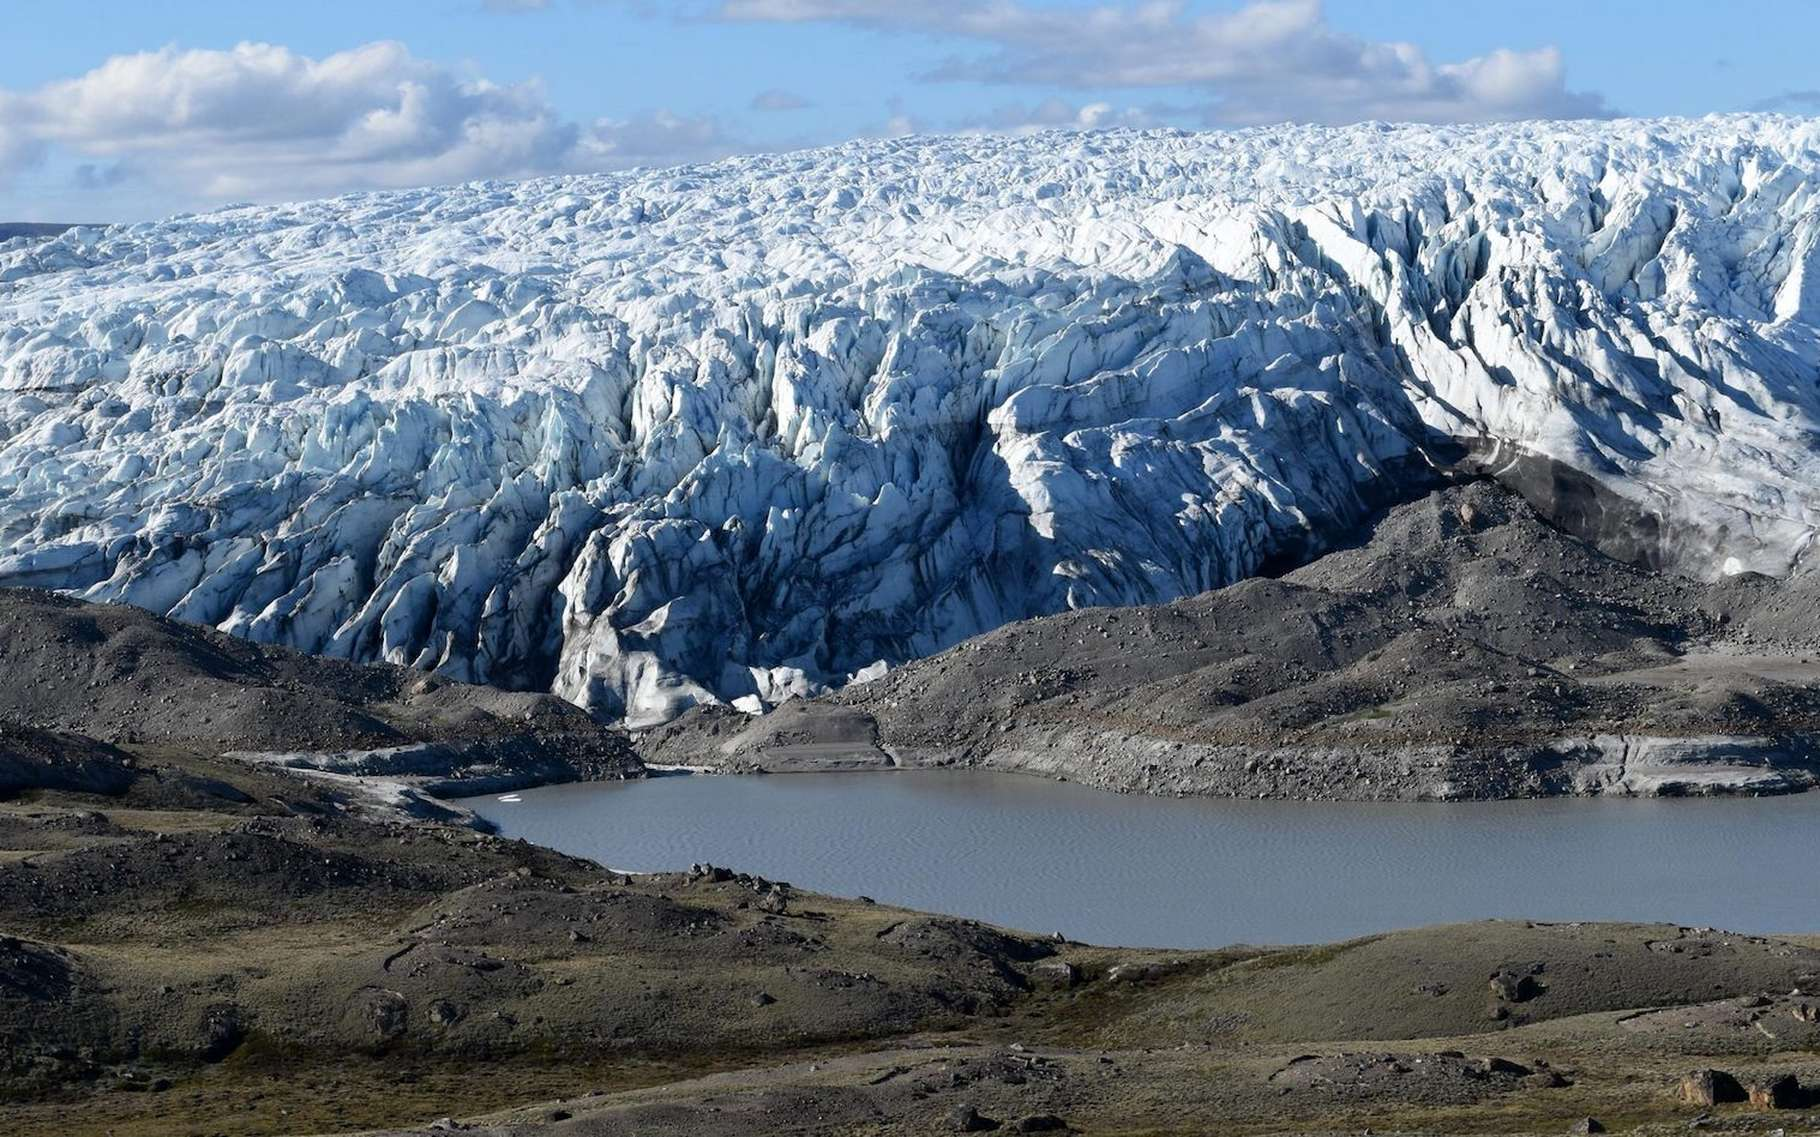 Ici, un lac nouvellement formé en bordure de la calotte glaciaire du Groenland. Une situation qui se multiplie avec le recul de la glace. Peut-être un aperçu de ce qu'a pu être, en son temps, l'immense lac sous-glaciaire découvert récemment par les chercheurs de l'université de Columbia (États-Unis). © Université de Columbia